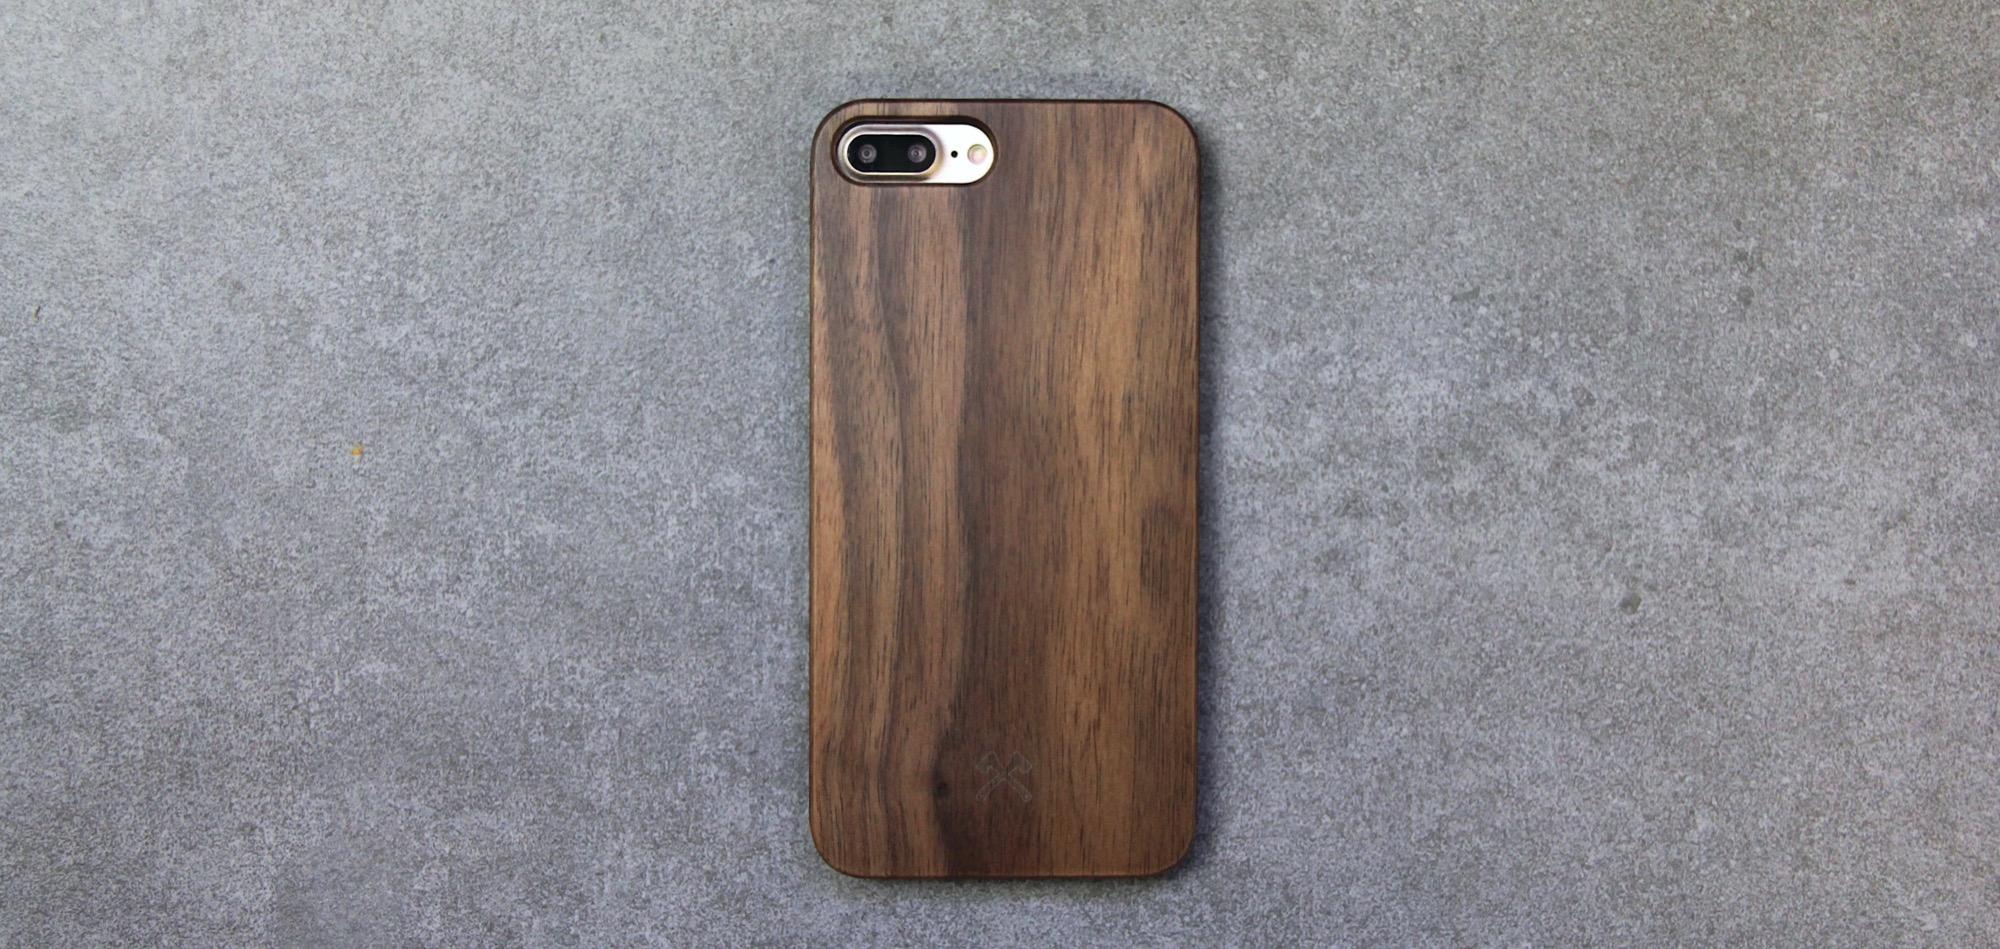 woodcessories-wooden-iphone-7-case-holzcase-holzhuelle-schutz-plus-wood-duenn-leicht-schutzhuelle-schutzfolie5